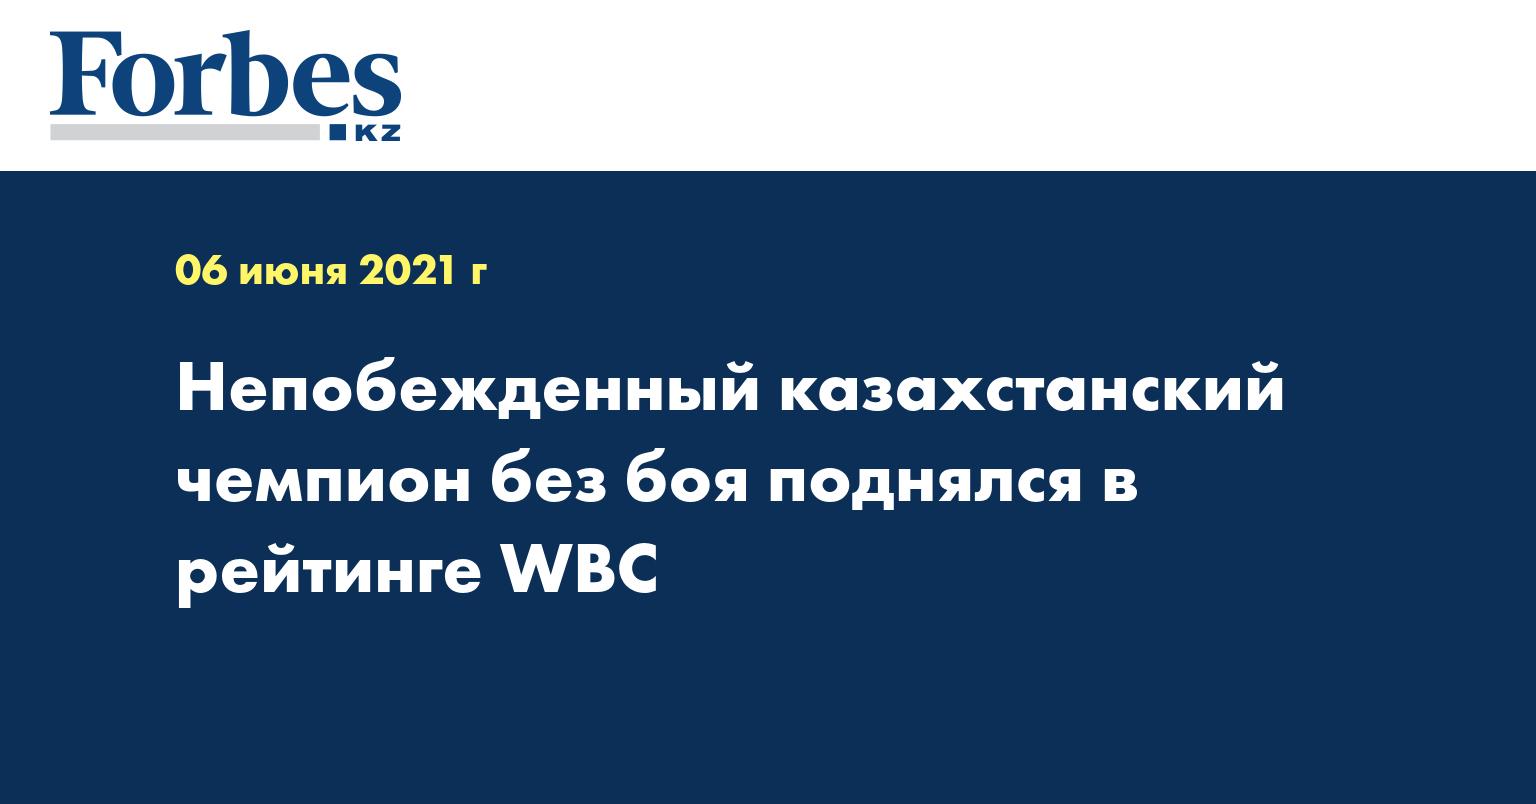 Непобежденный казахстанский чемпион без боя поднялся в рейтинге WBC